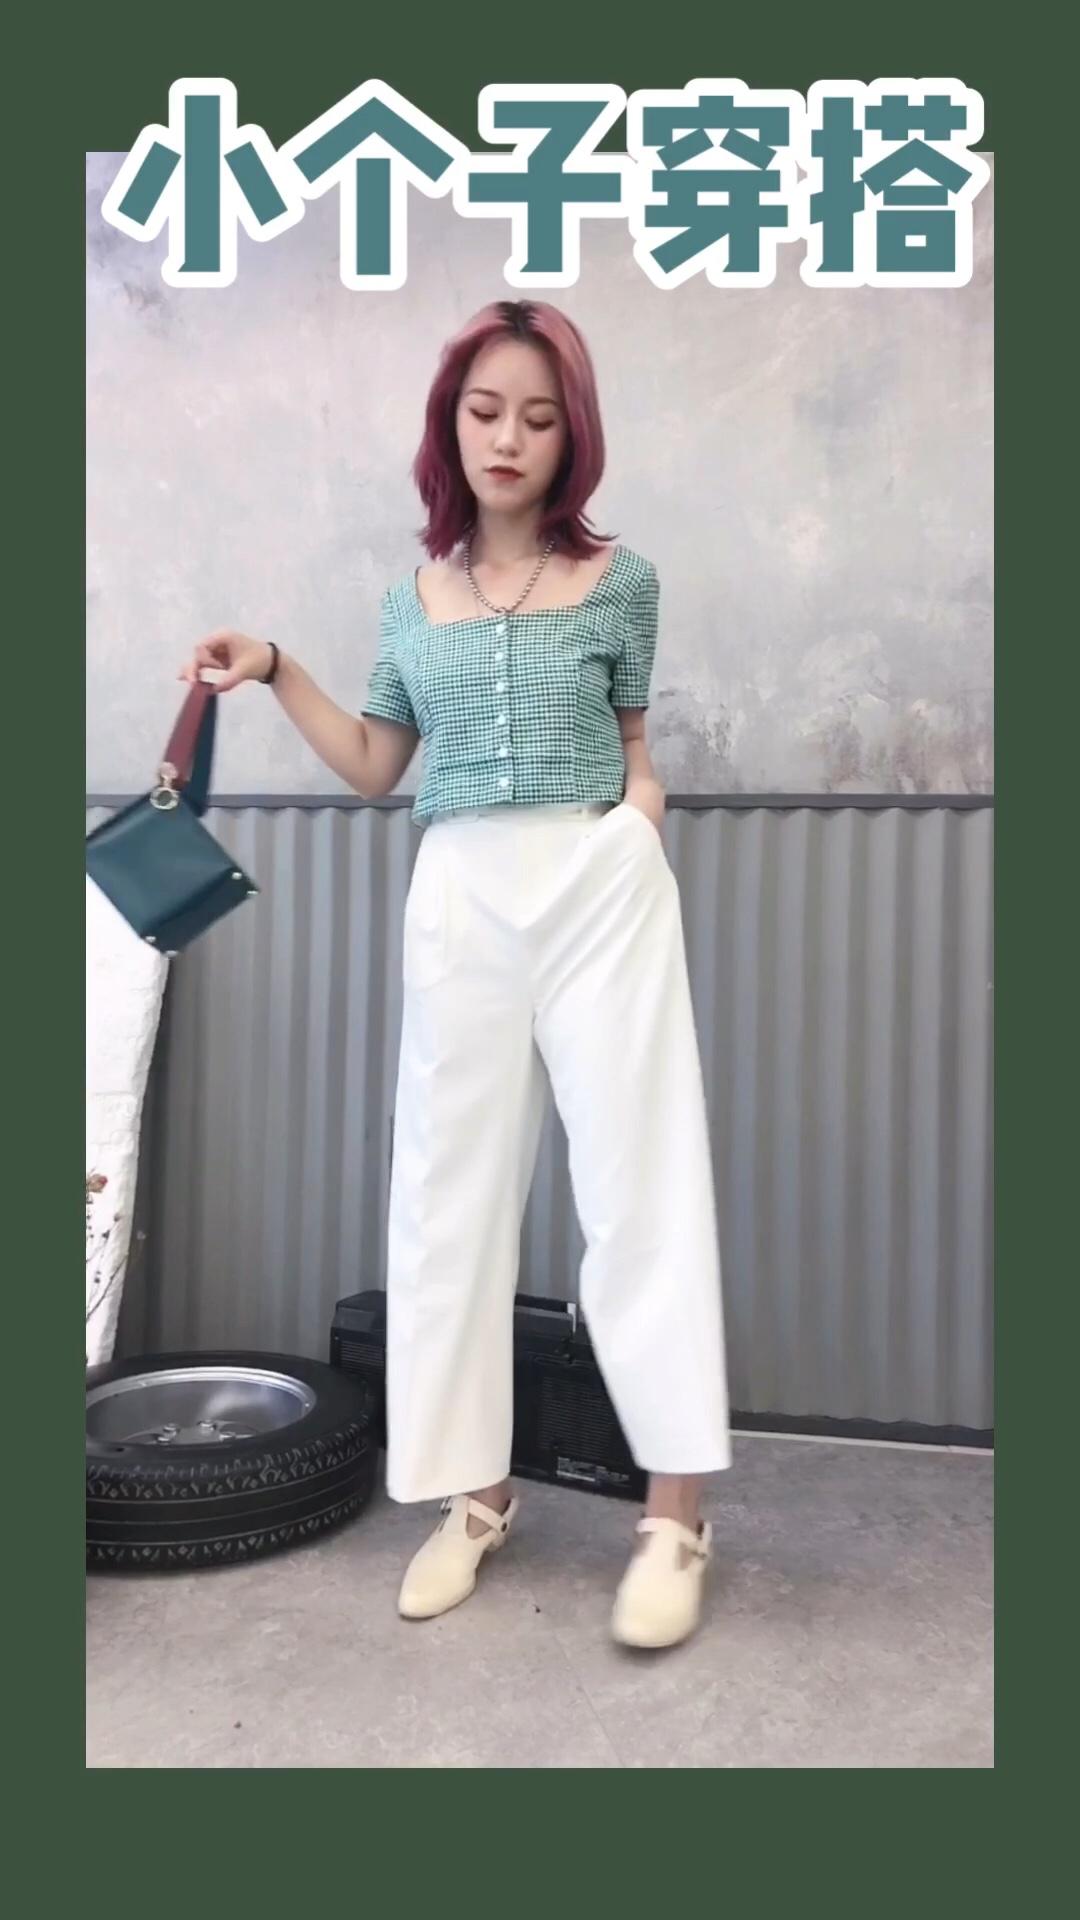 #上衣短一截,两米长腿新捷径# 上衣:UR 裤子:eifini 包包:Warm Studio 短款上衣总是很显高 清新的绿色还很显白哦 这条裤子真的很推荐和我一样梨形身材而且假胯宽和屁股肉的女生们 版型真的太好了 简直神裤! 包包是古良独立设计的 方形包包设计很独特而且可以装很多东西哦